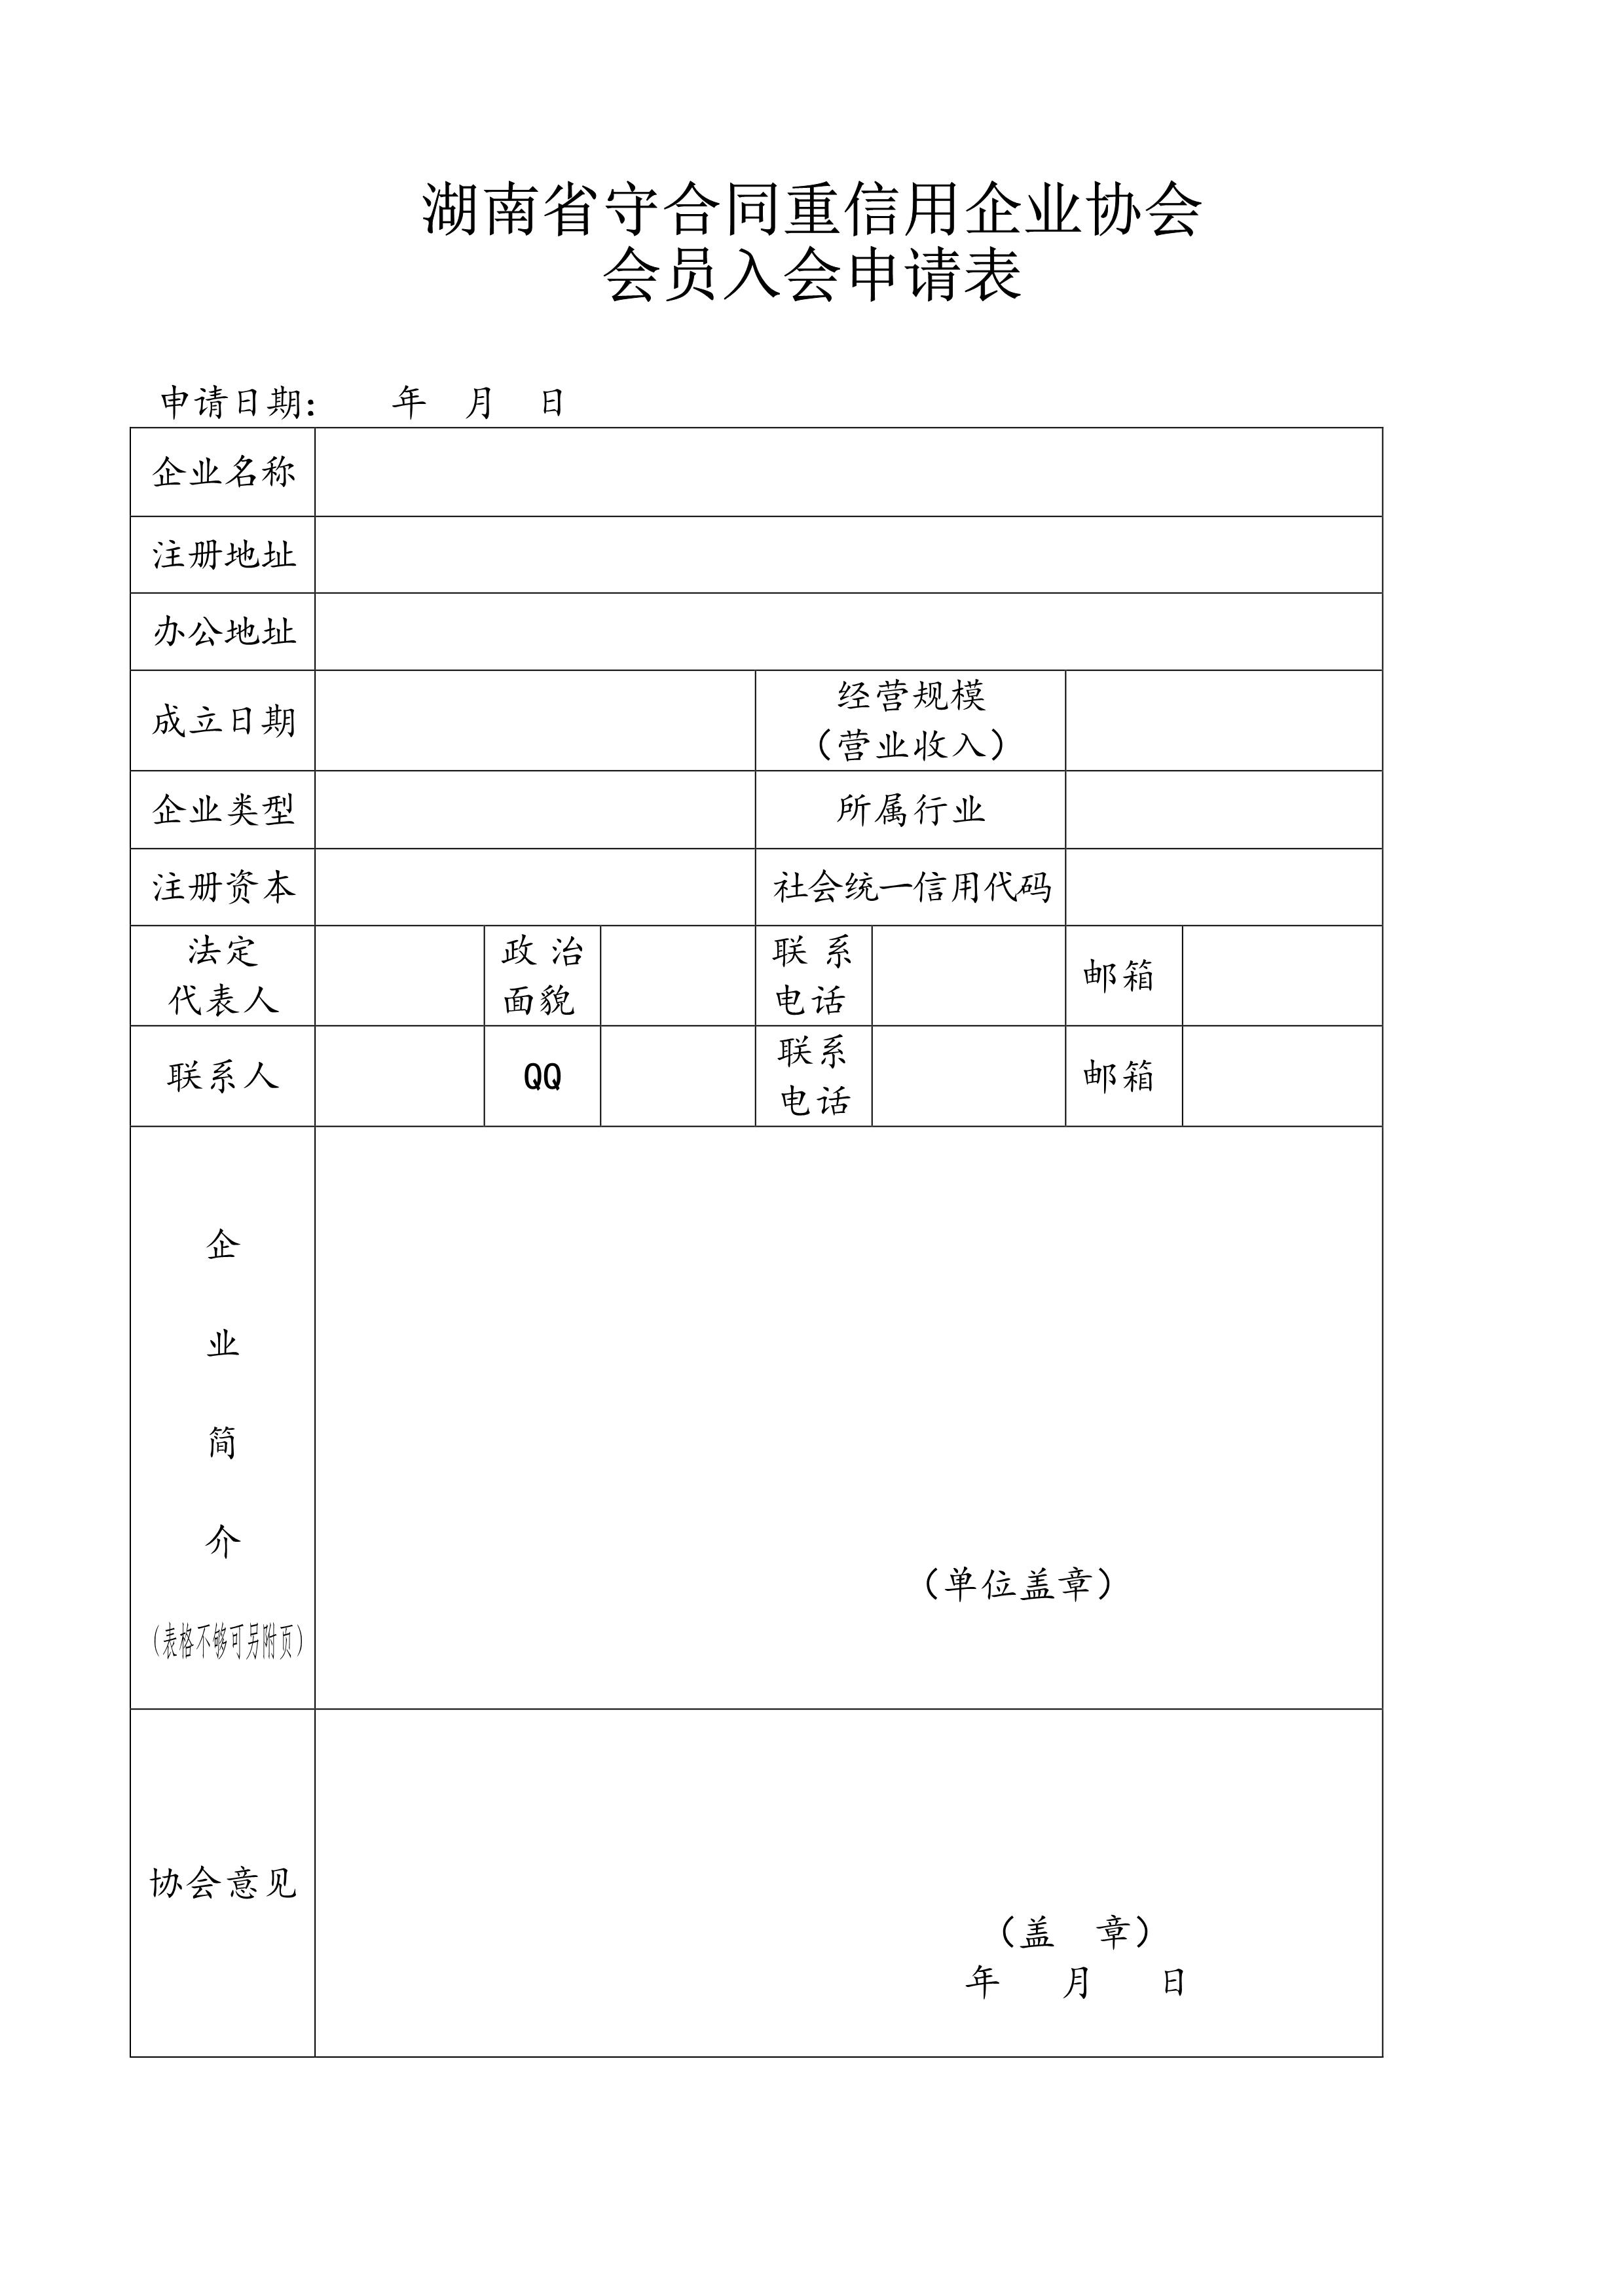 入会申请表_1.png